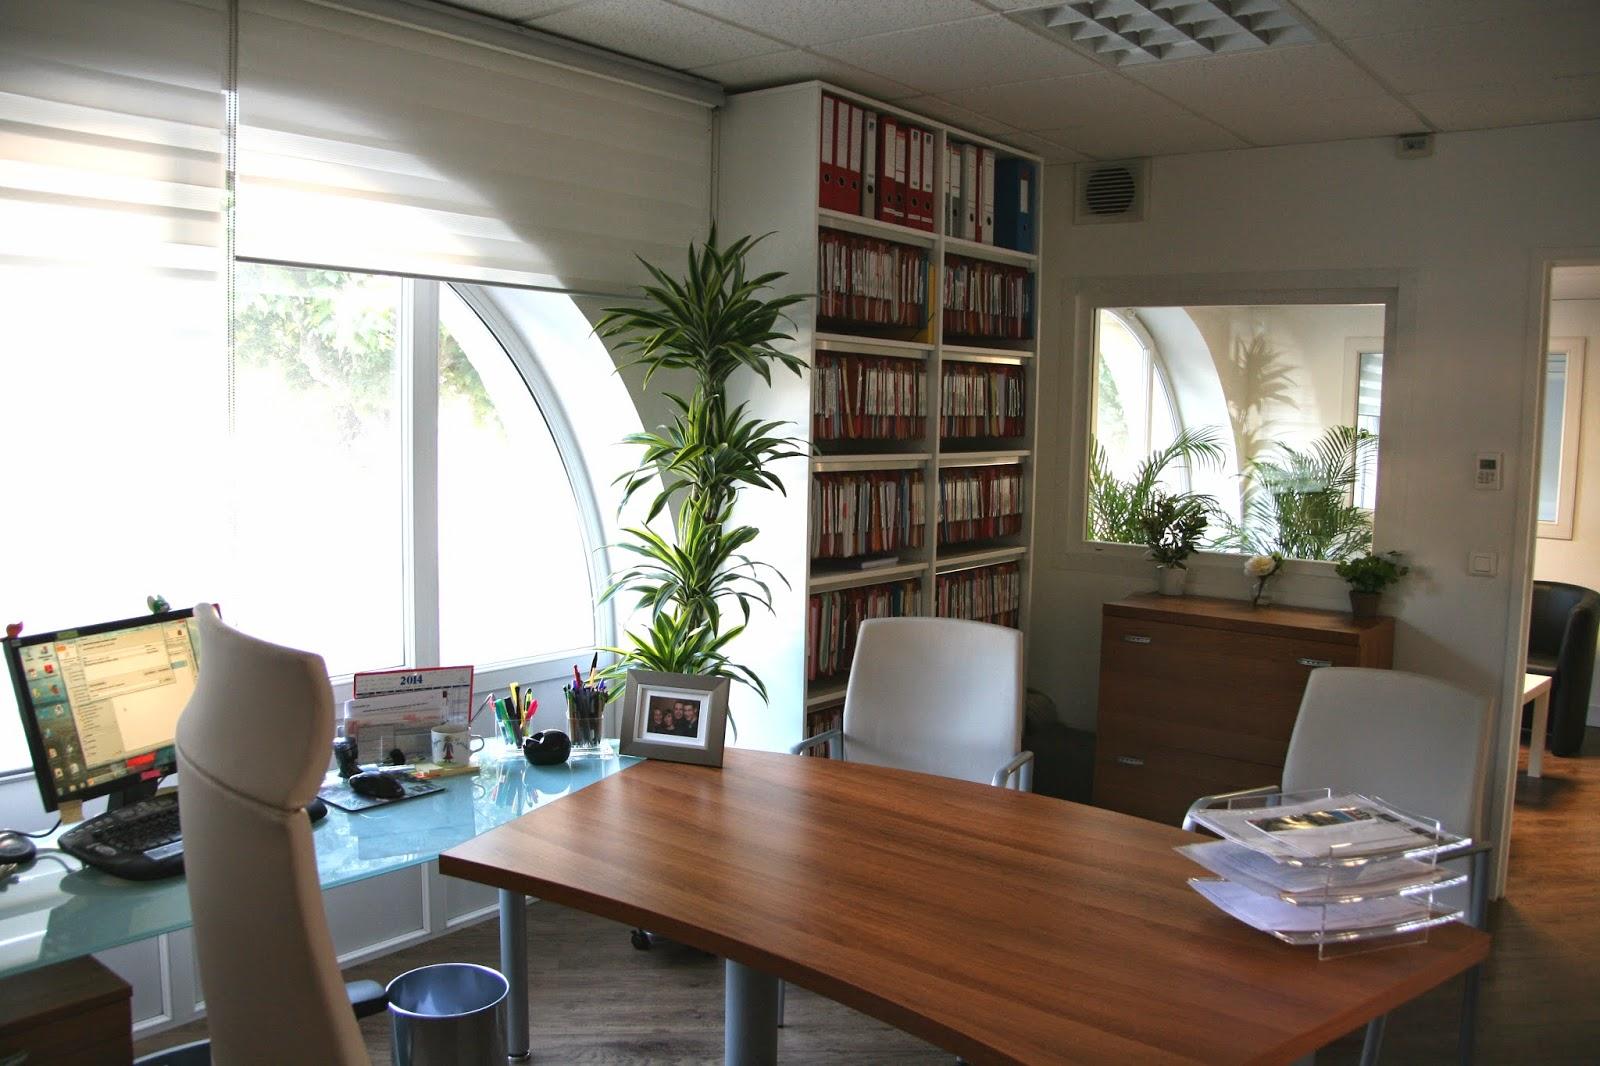 isabelle h d coration et home staging. Black Bedroom Furniture Sets. Home Design Ideas